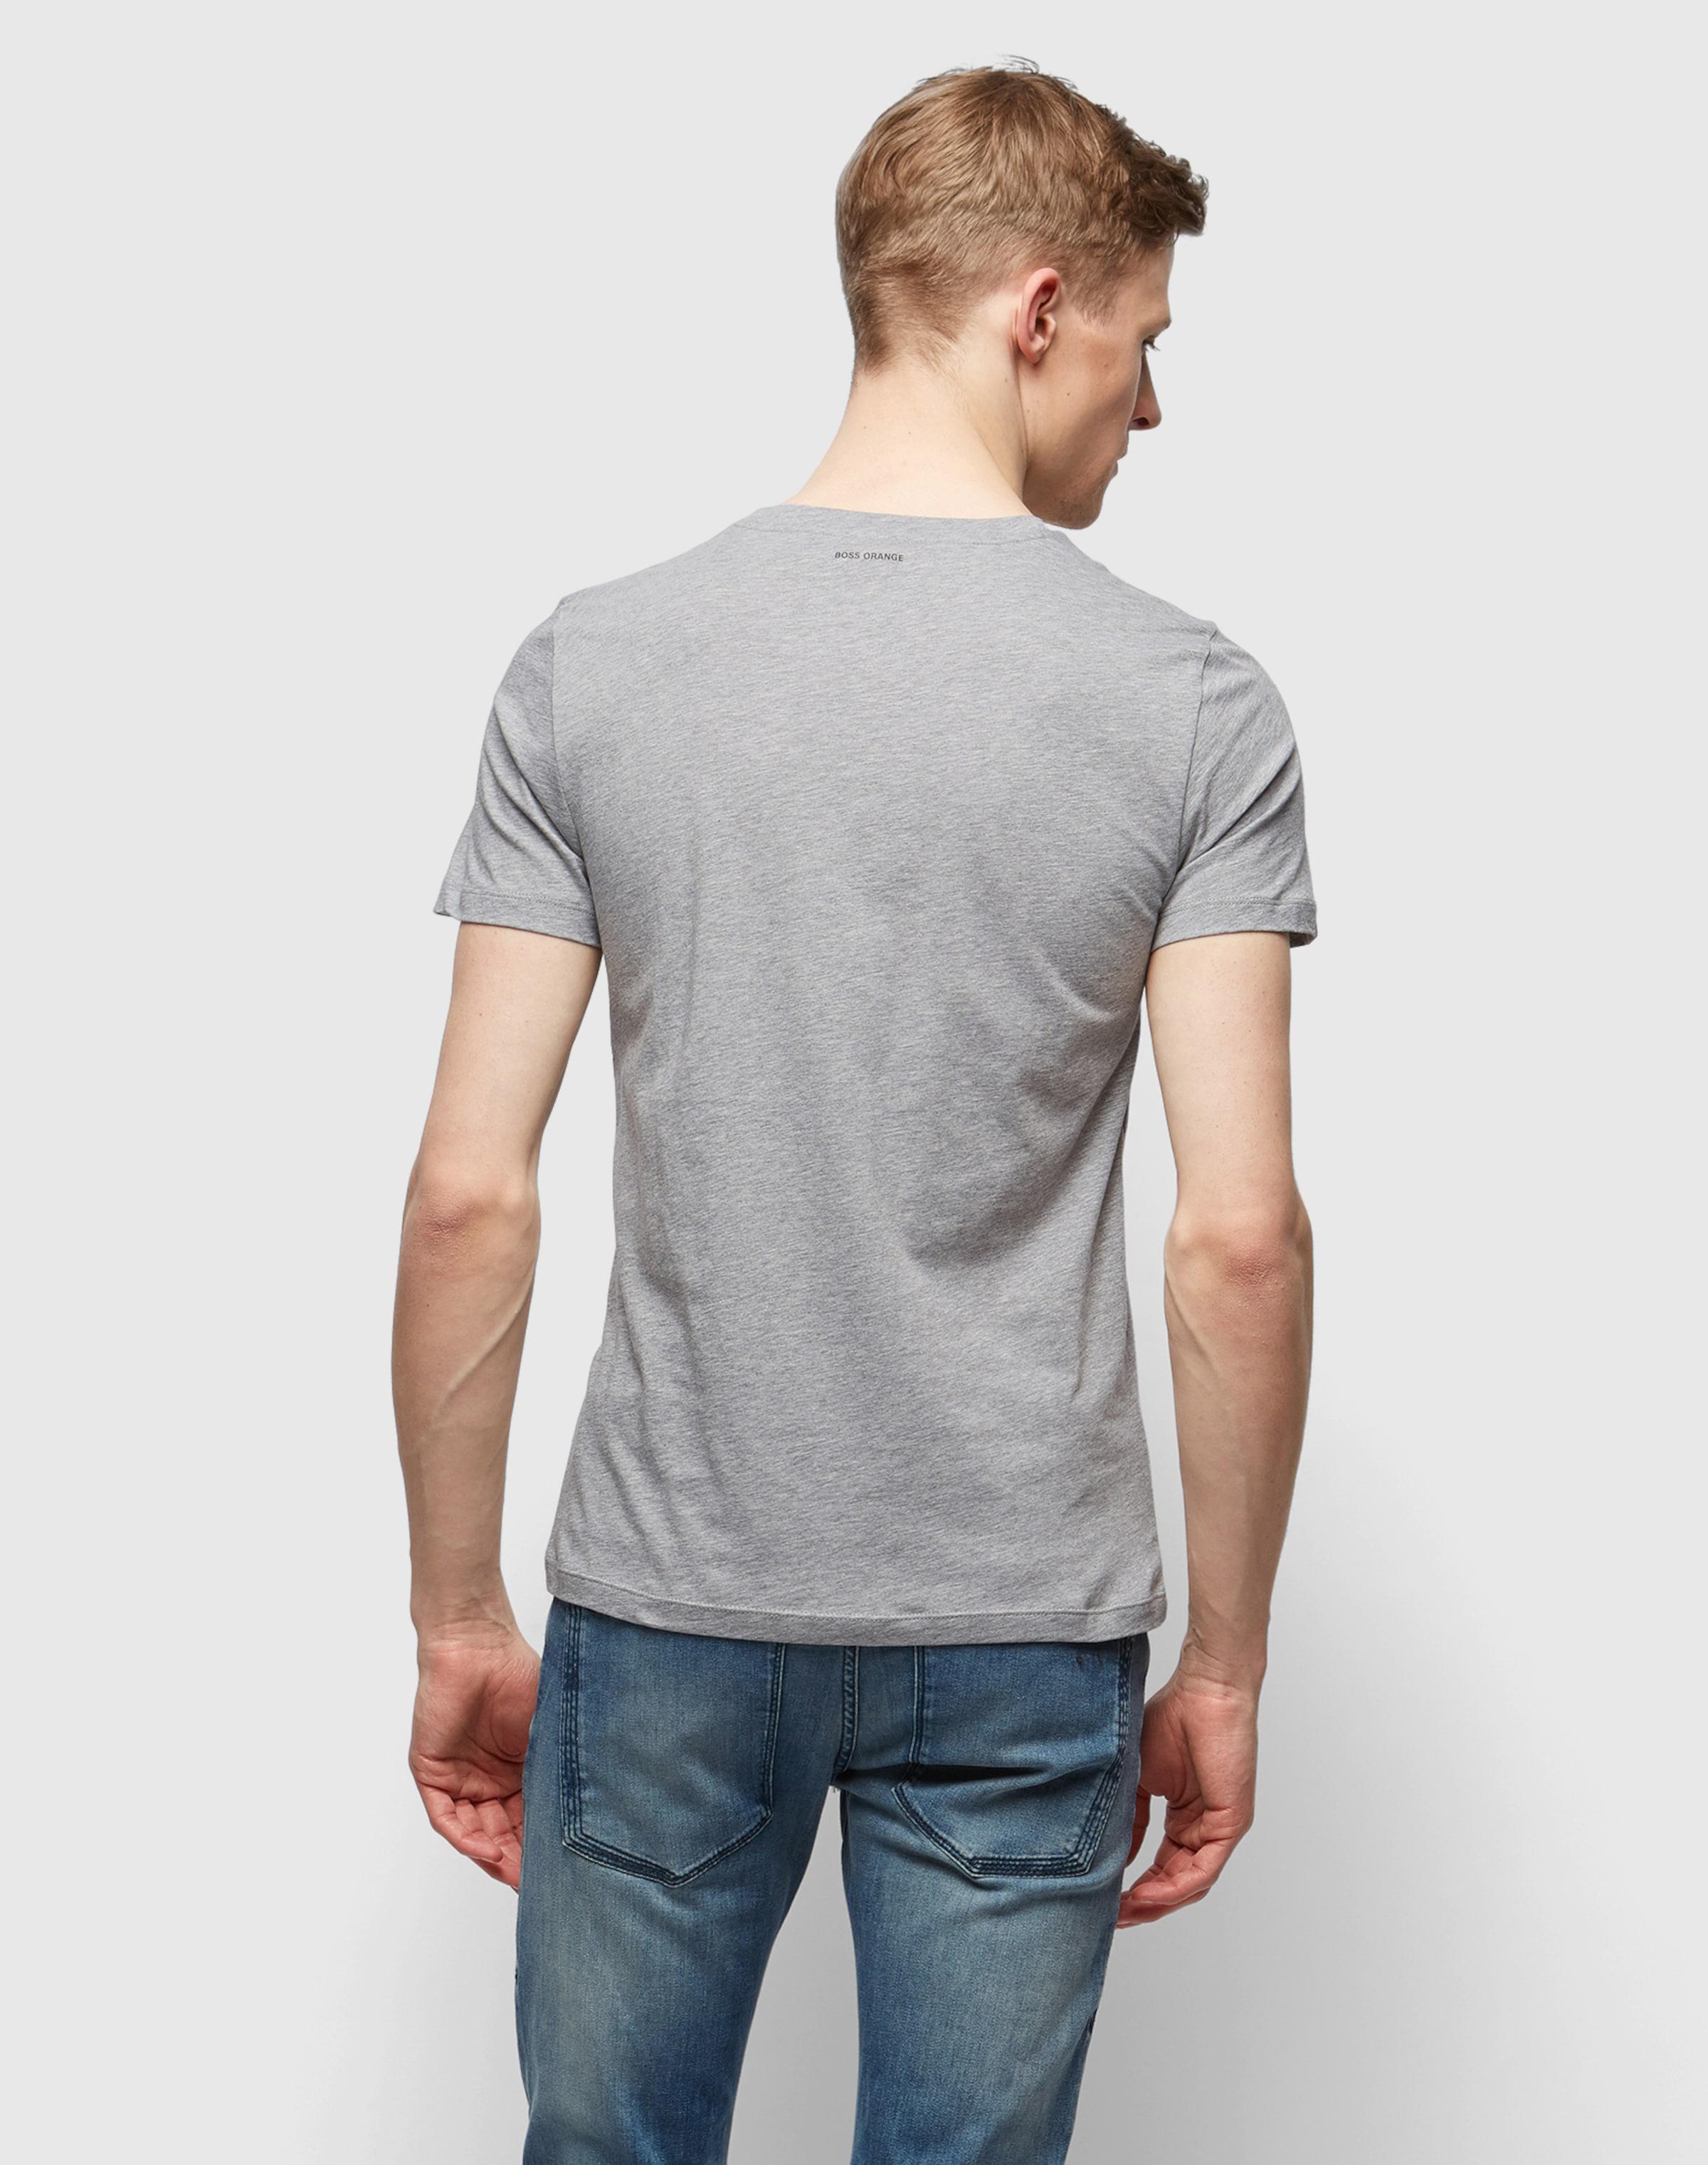 BOSS T-Shirt mit Front-Print 'Turbulence 1' Countdown Paket Online Freies Verschiffen Kauf Spielraum Neu Rabatt Aaa Steckdose Billig Authentisch RqHpNo